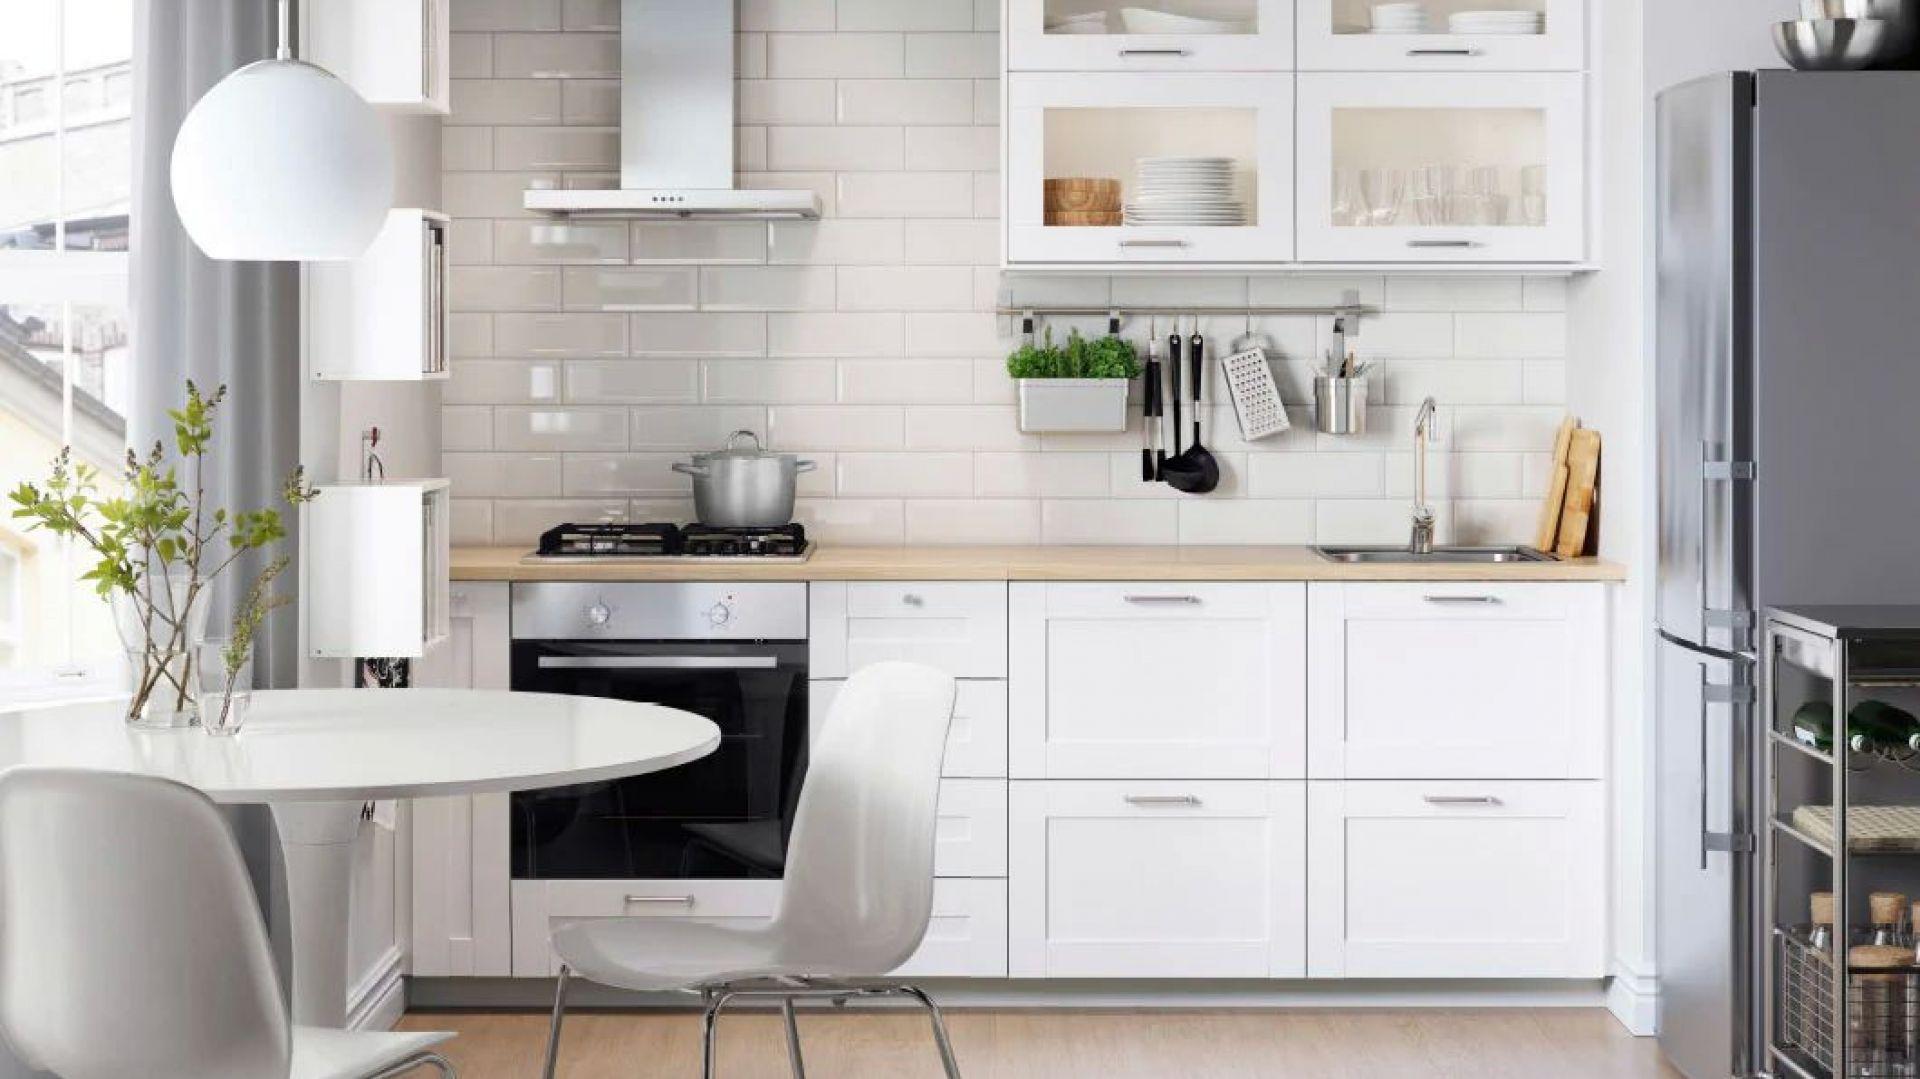 SÄVEDAL – doskonały przykład ponadczasowego, klasycznego skandynawskiego designu. Fronty mają szeroką ramę, która tworzy wyrazisty wzór wokół drzwiczek. Z tymi frontami stworzysz jasną, tradycyjną kuchnię, mającą w sobie dużo życia i dynamiki. Fot. IKEA